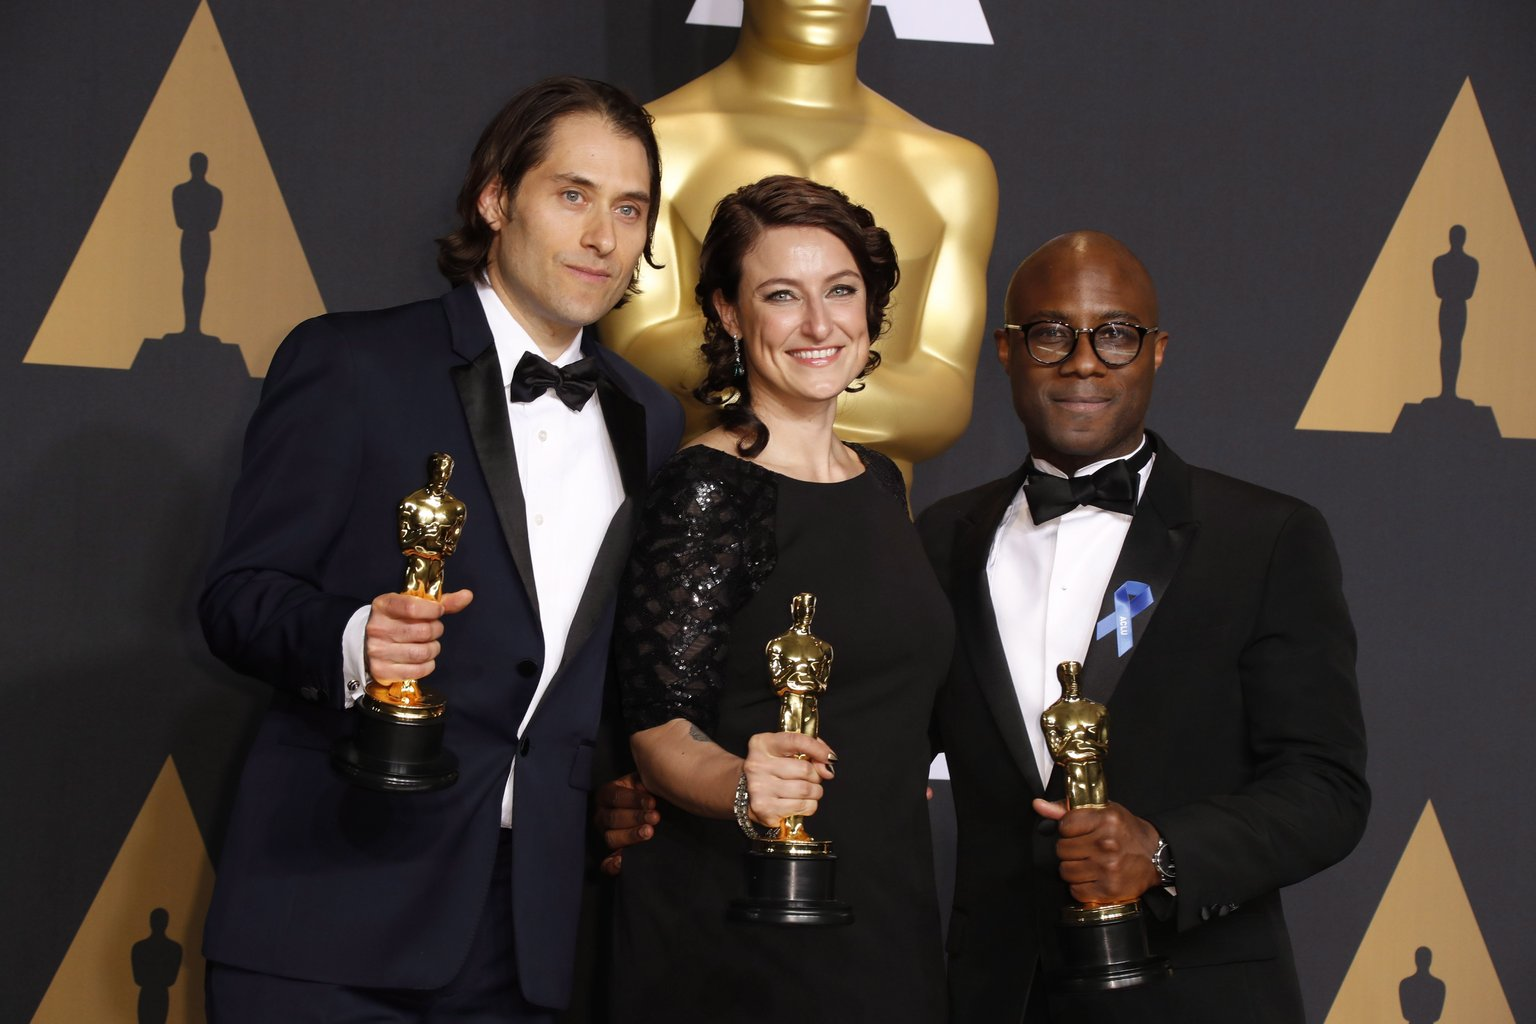 Jeremy Kleiner, Adele Romanski amerikai producerek és Barry Jenkins amerikai rendező (b-j) a sajtószobában tartott fotózáson, miután átvették a legjobb filmnek járó elismerést a Holdfény (Moonlight) című drámáért a 89. Oscar-gálán a Los Angeles-i Dolby Színházban 2017. február 26-án. (MTI/EPA/Paul Buck)